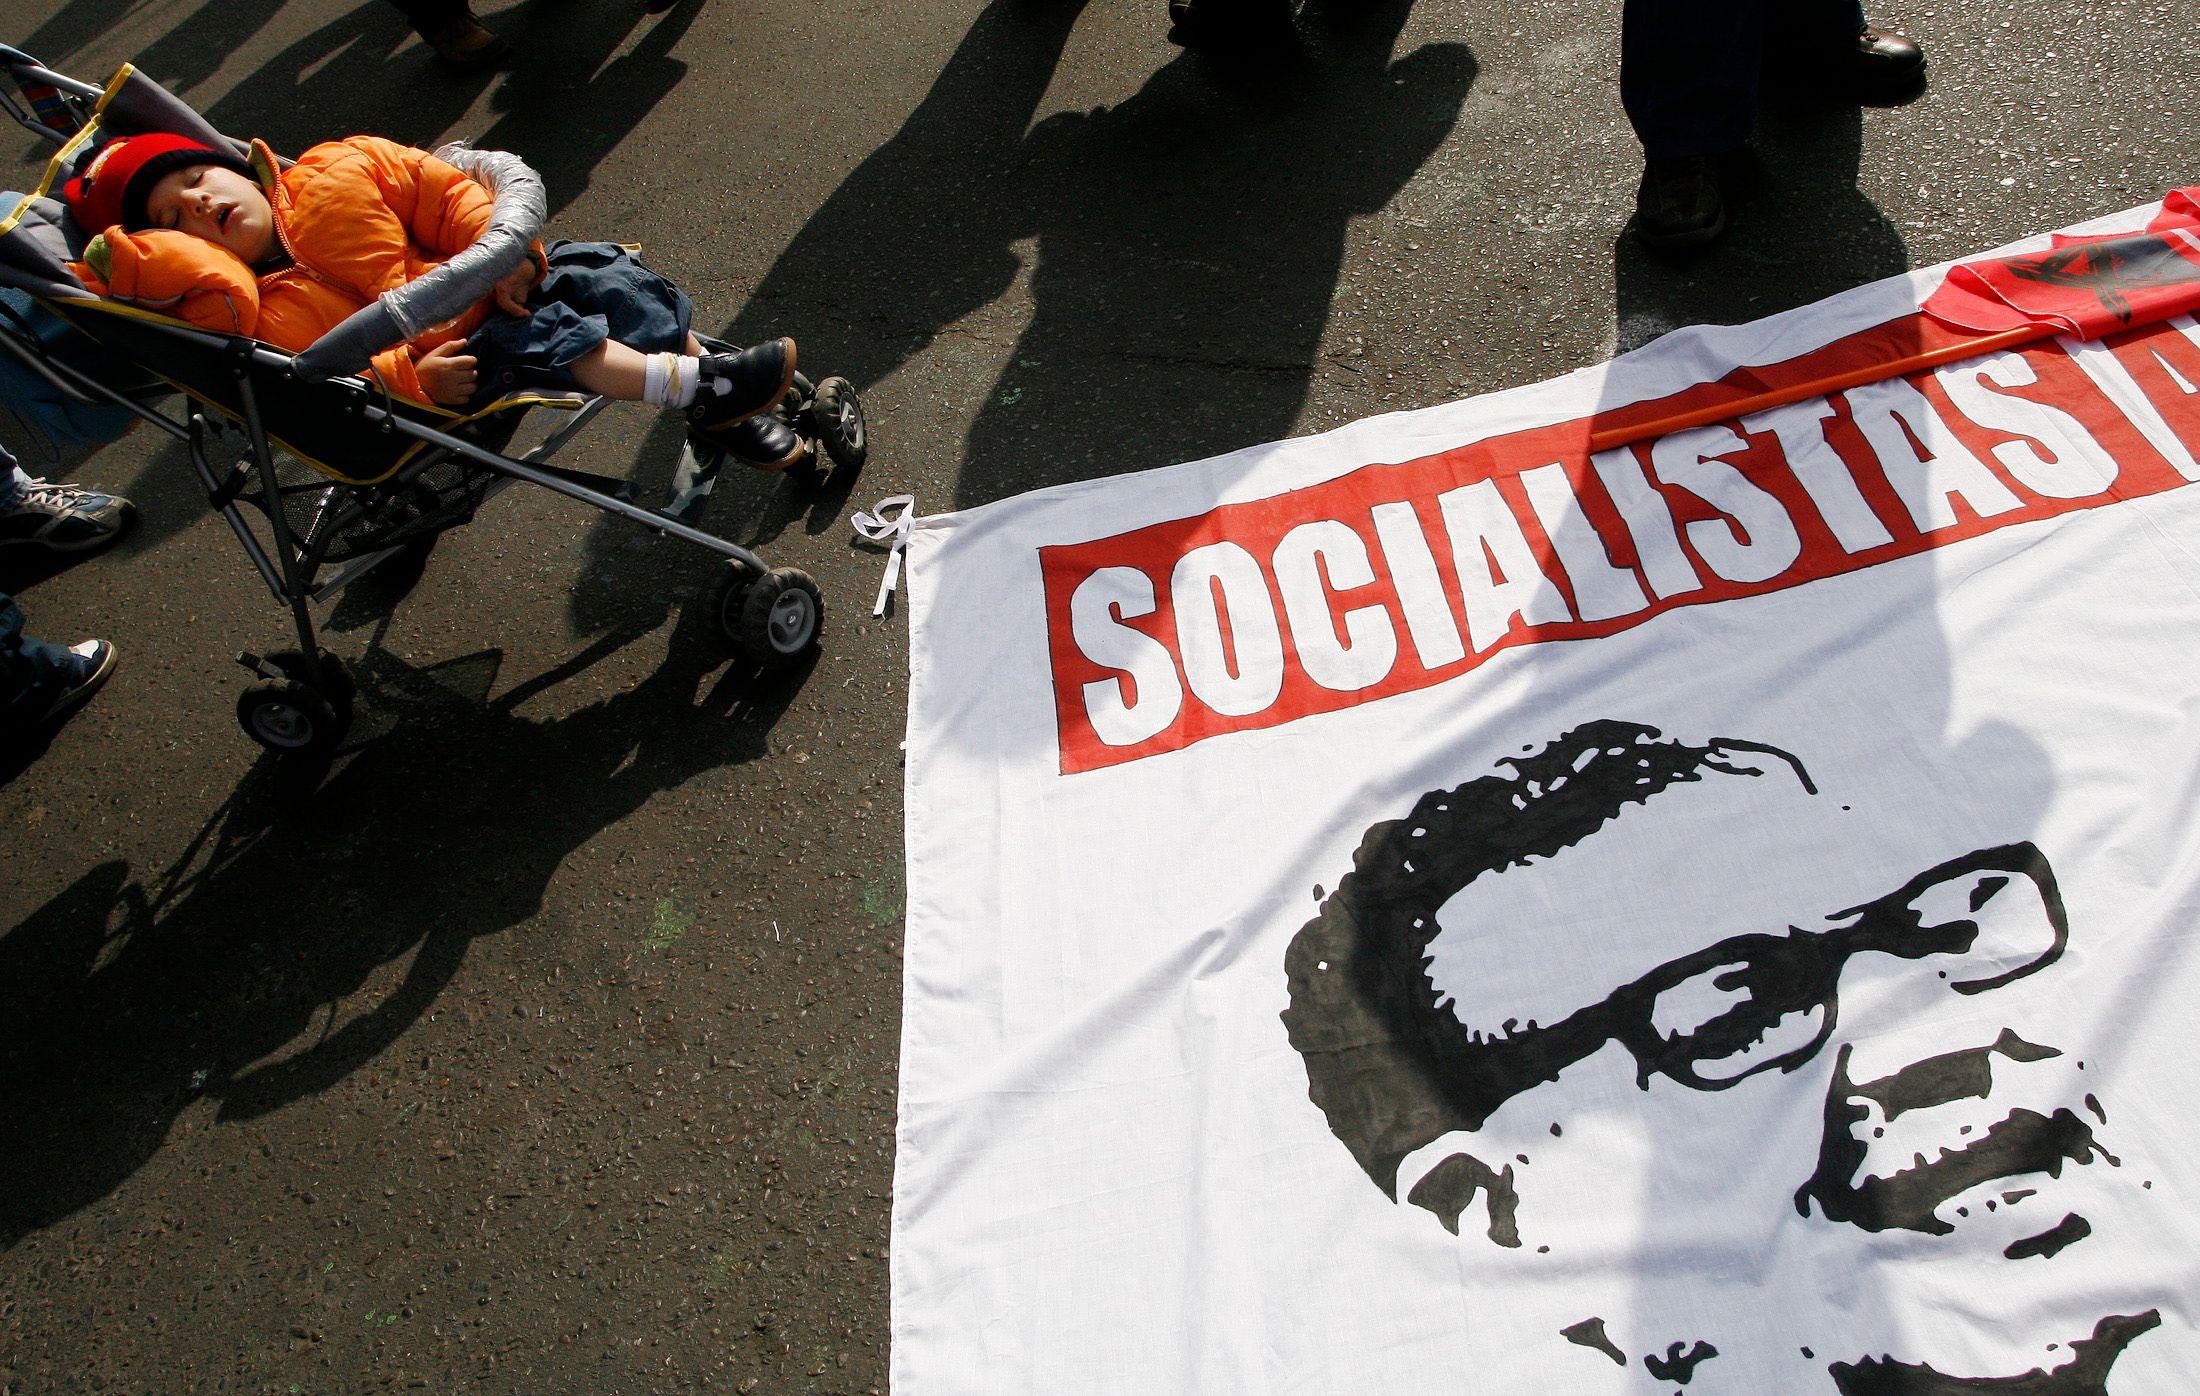 Et si François Hollande, faute d'admettre qu'il a échoué, était en train de se prendre pour Allende ?